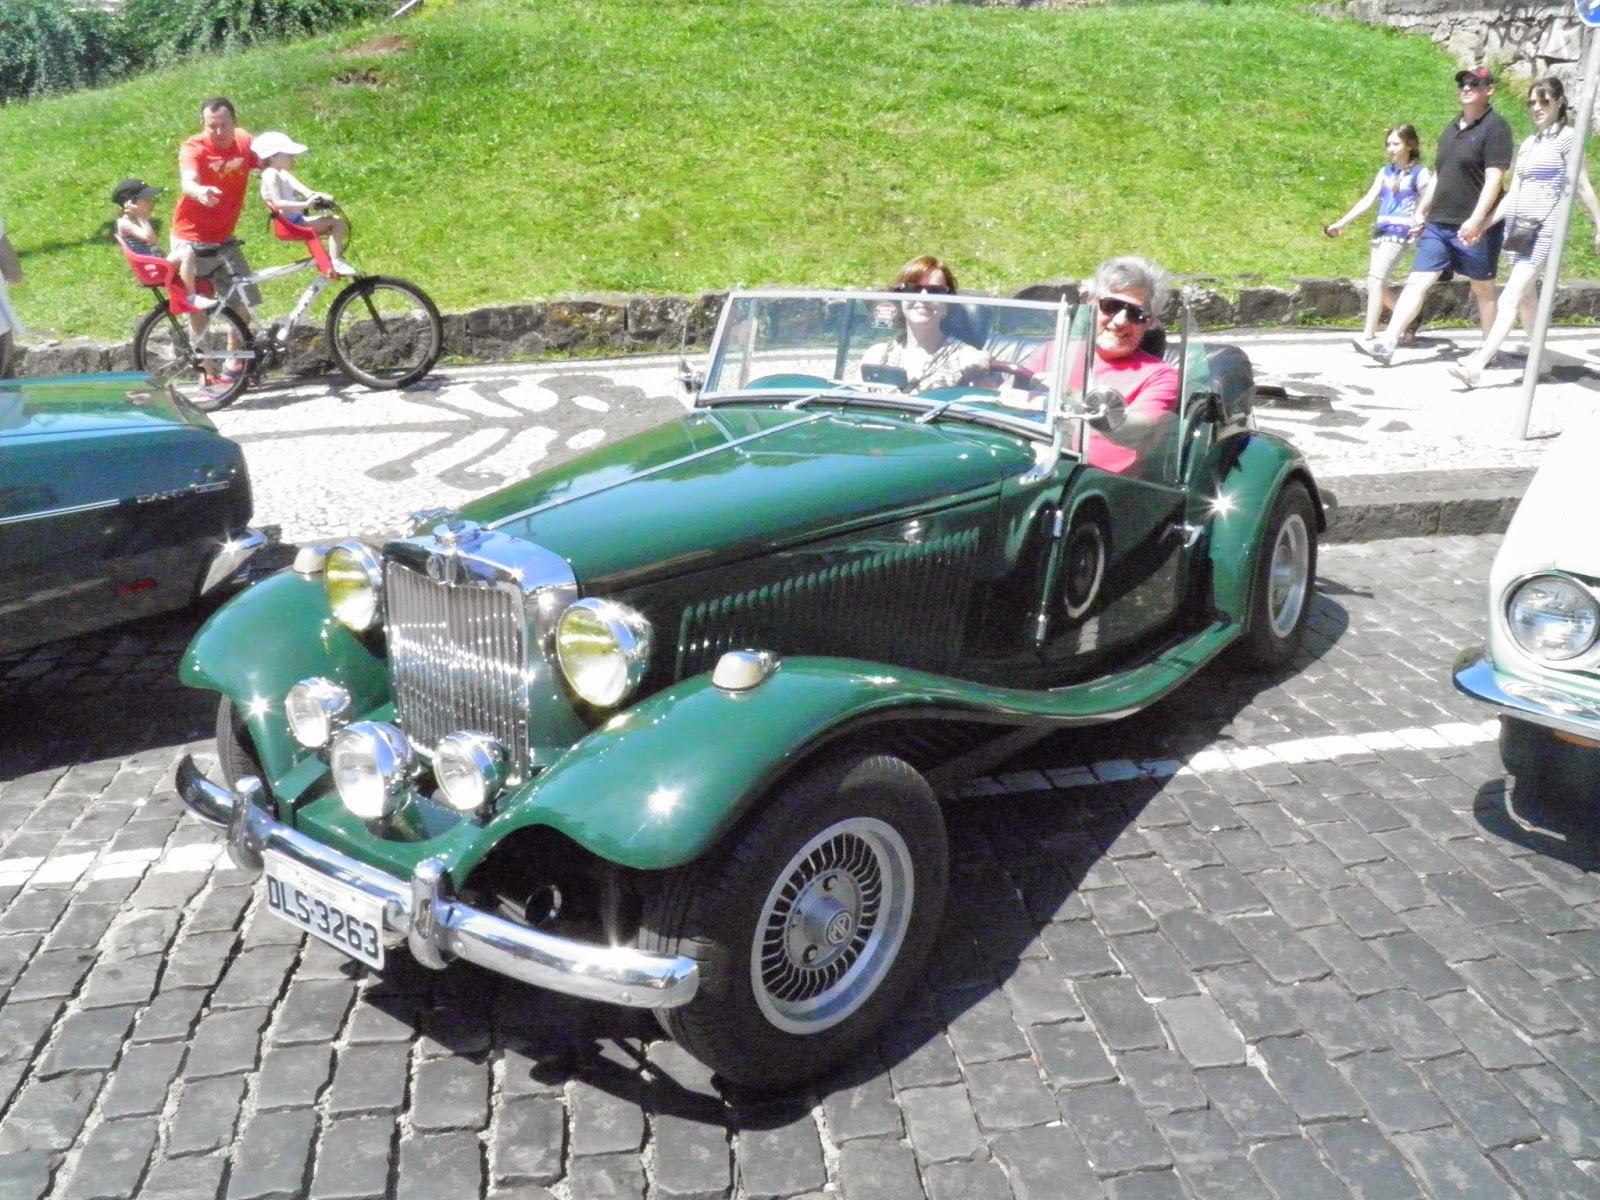 Exposição de carros antigos - Centro Histórico de Curitiba